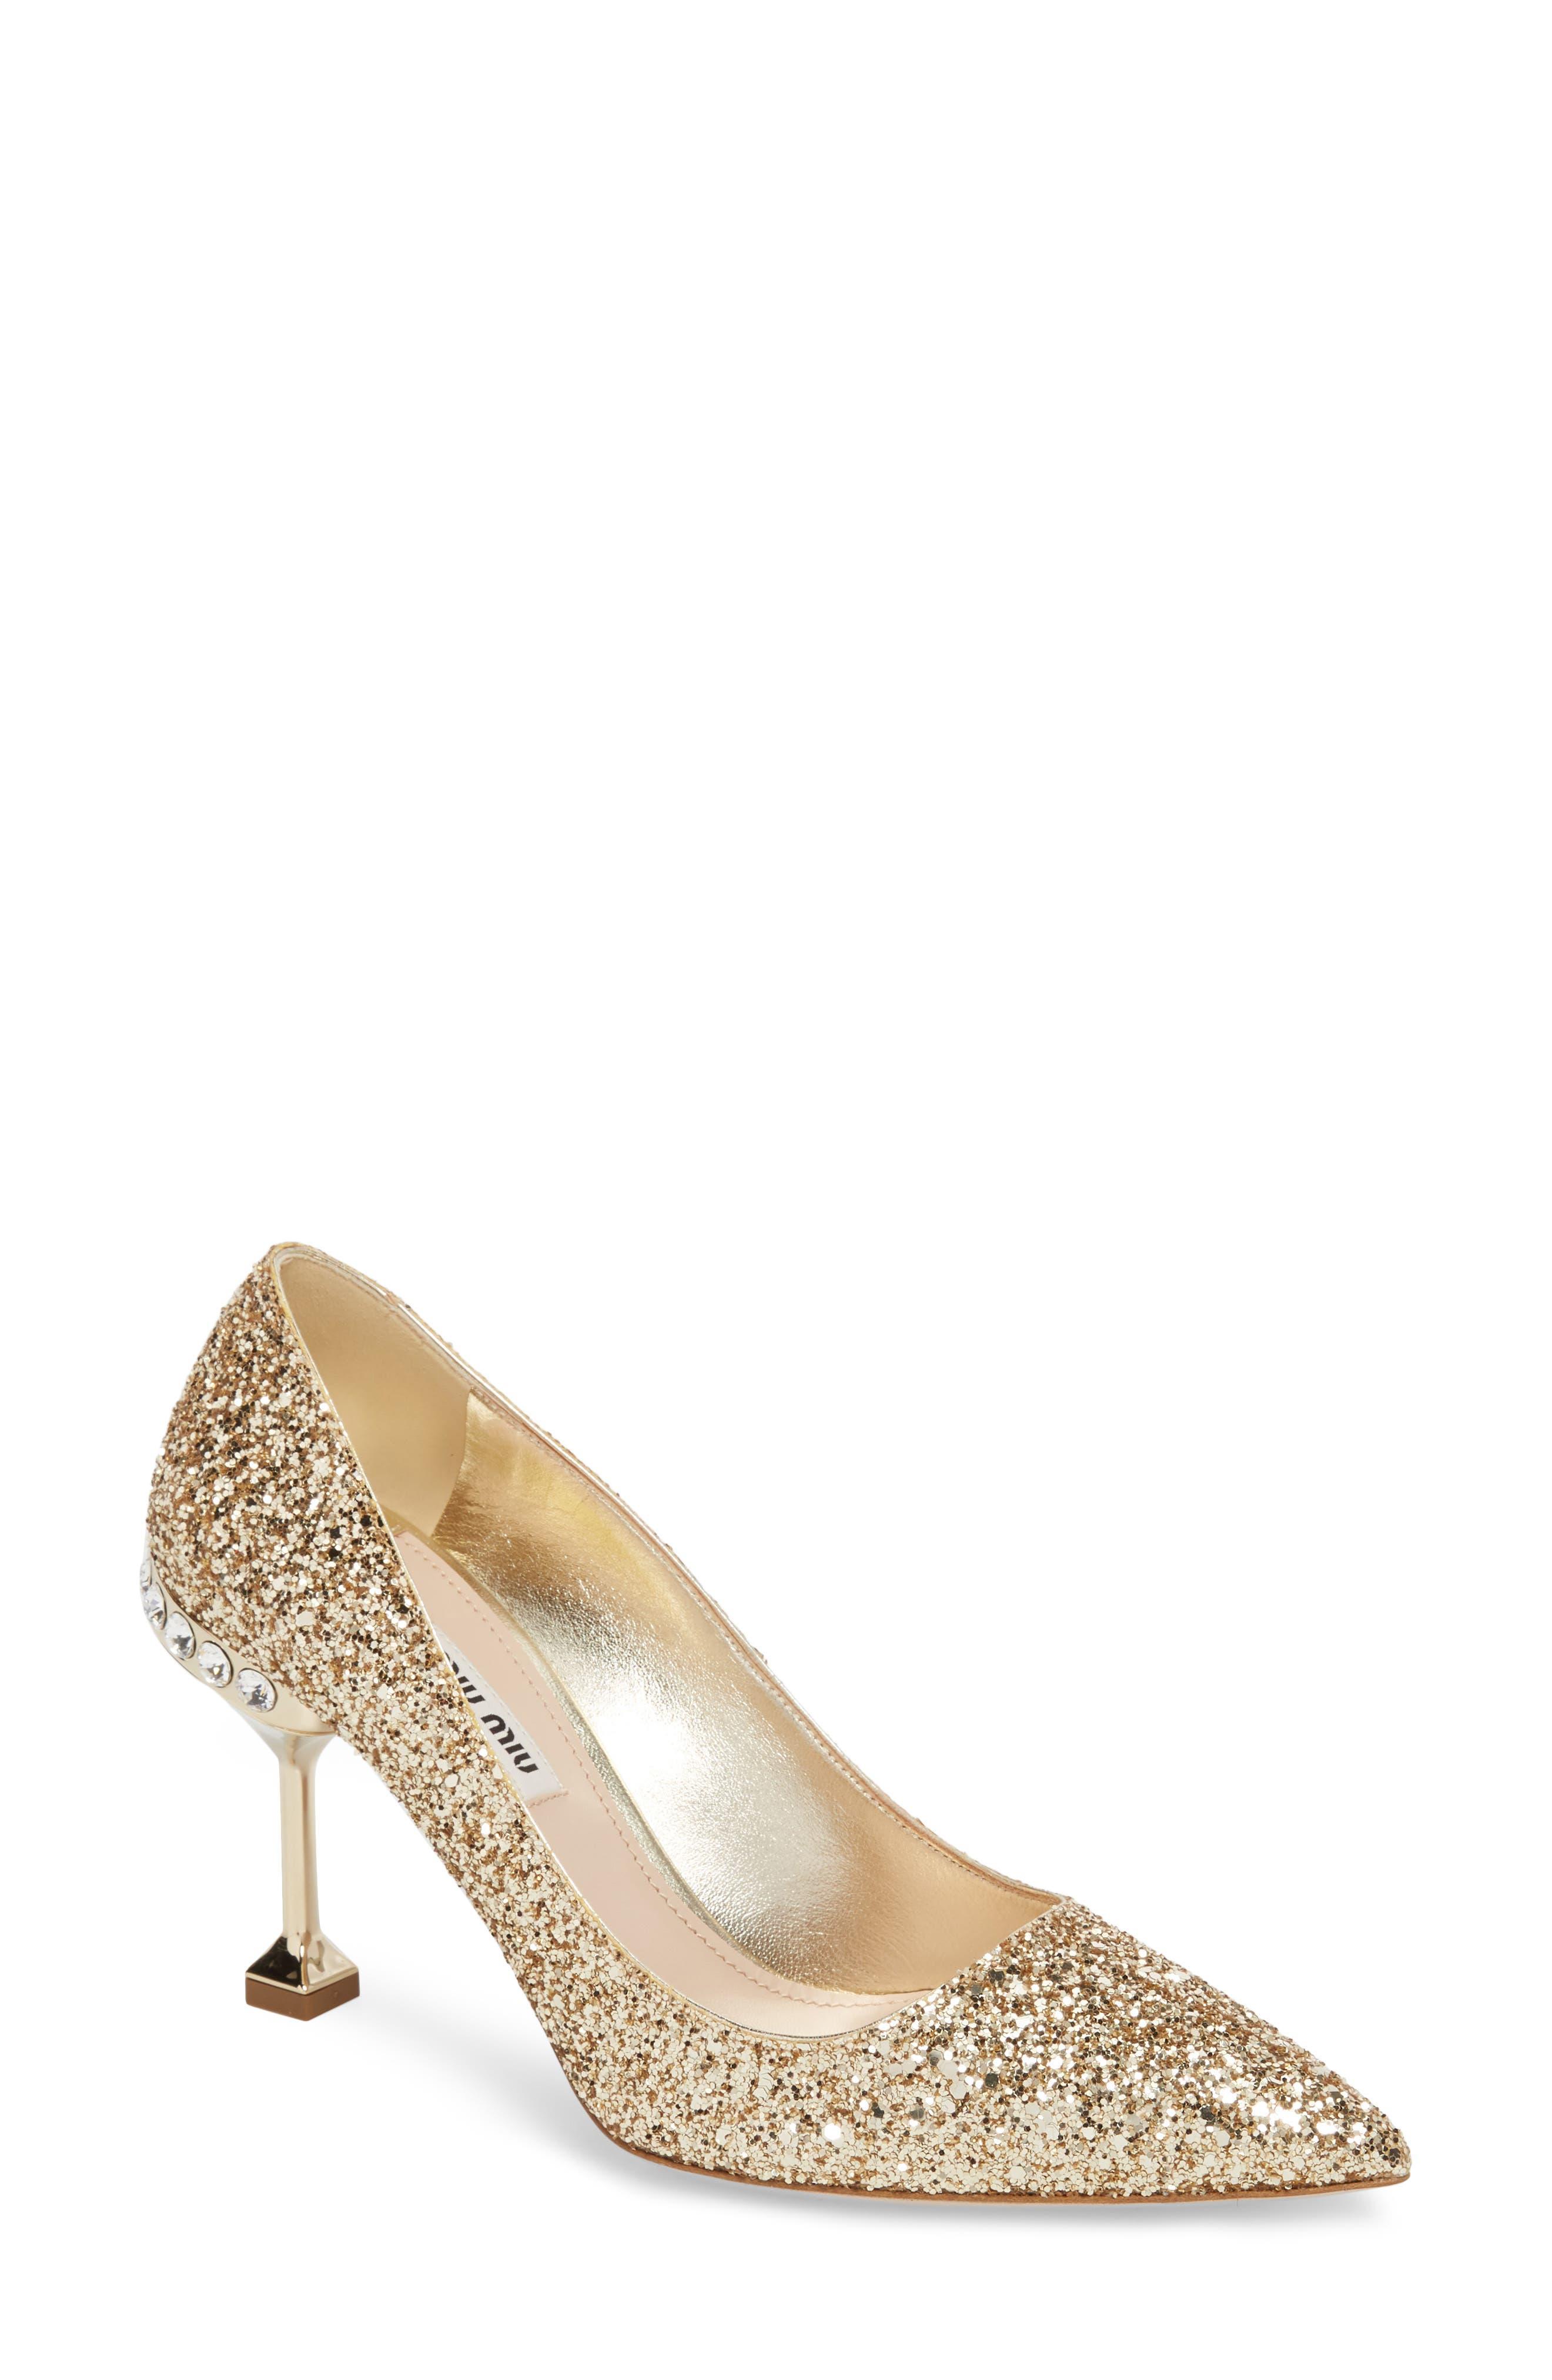 Miu Miu Jeweled Heel Glitter Pump (Women)